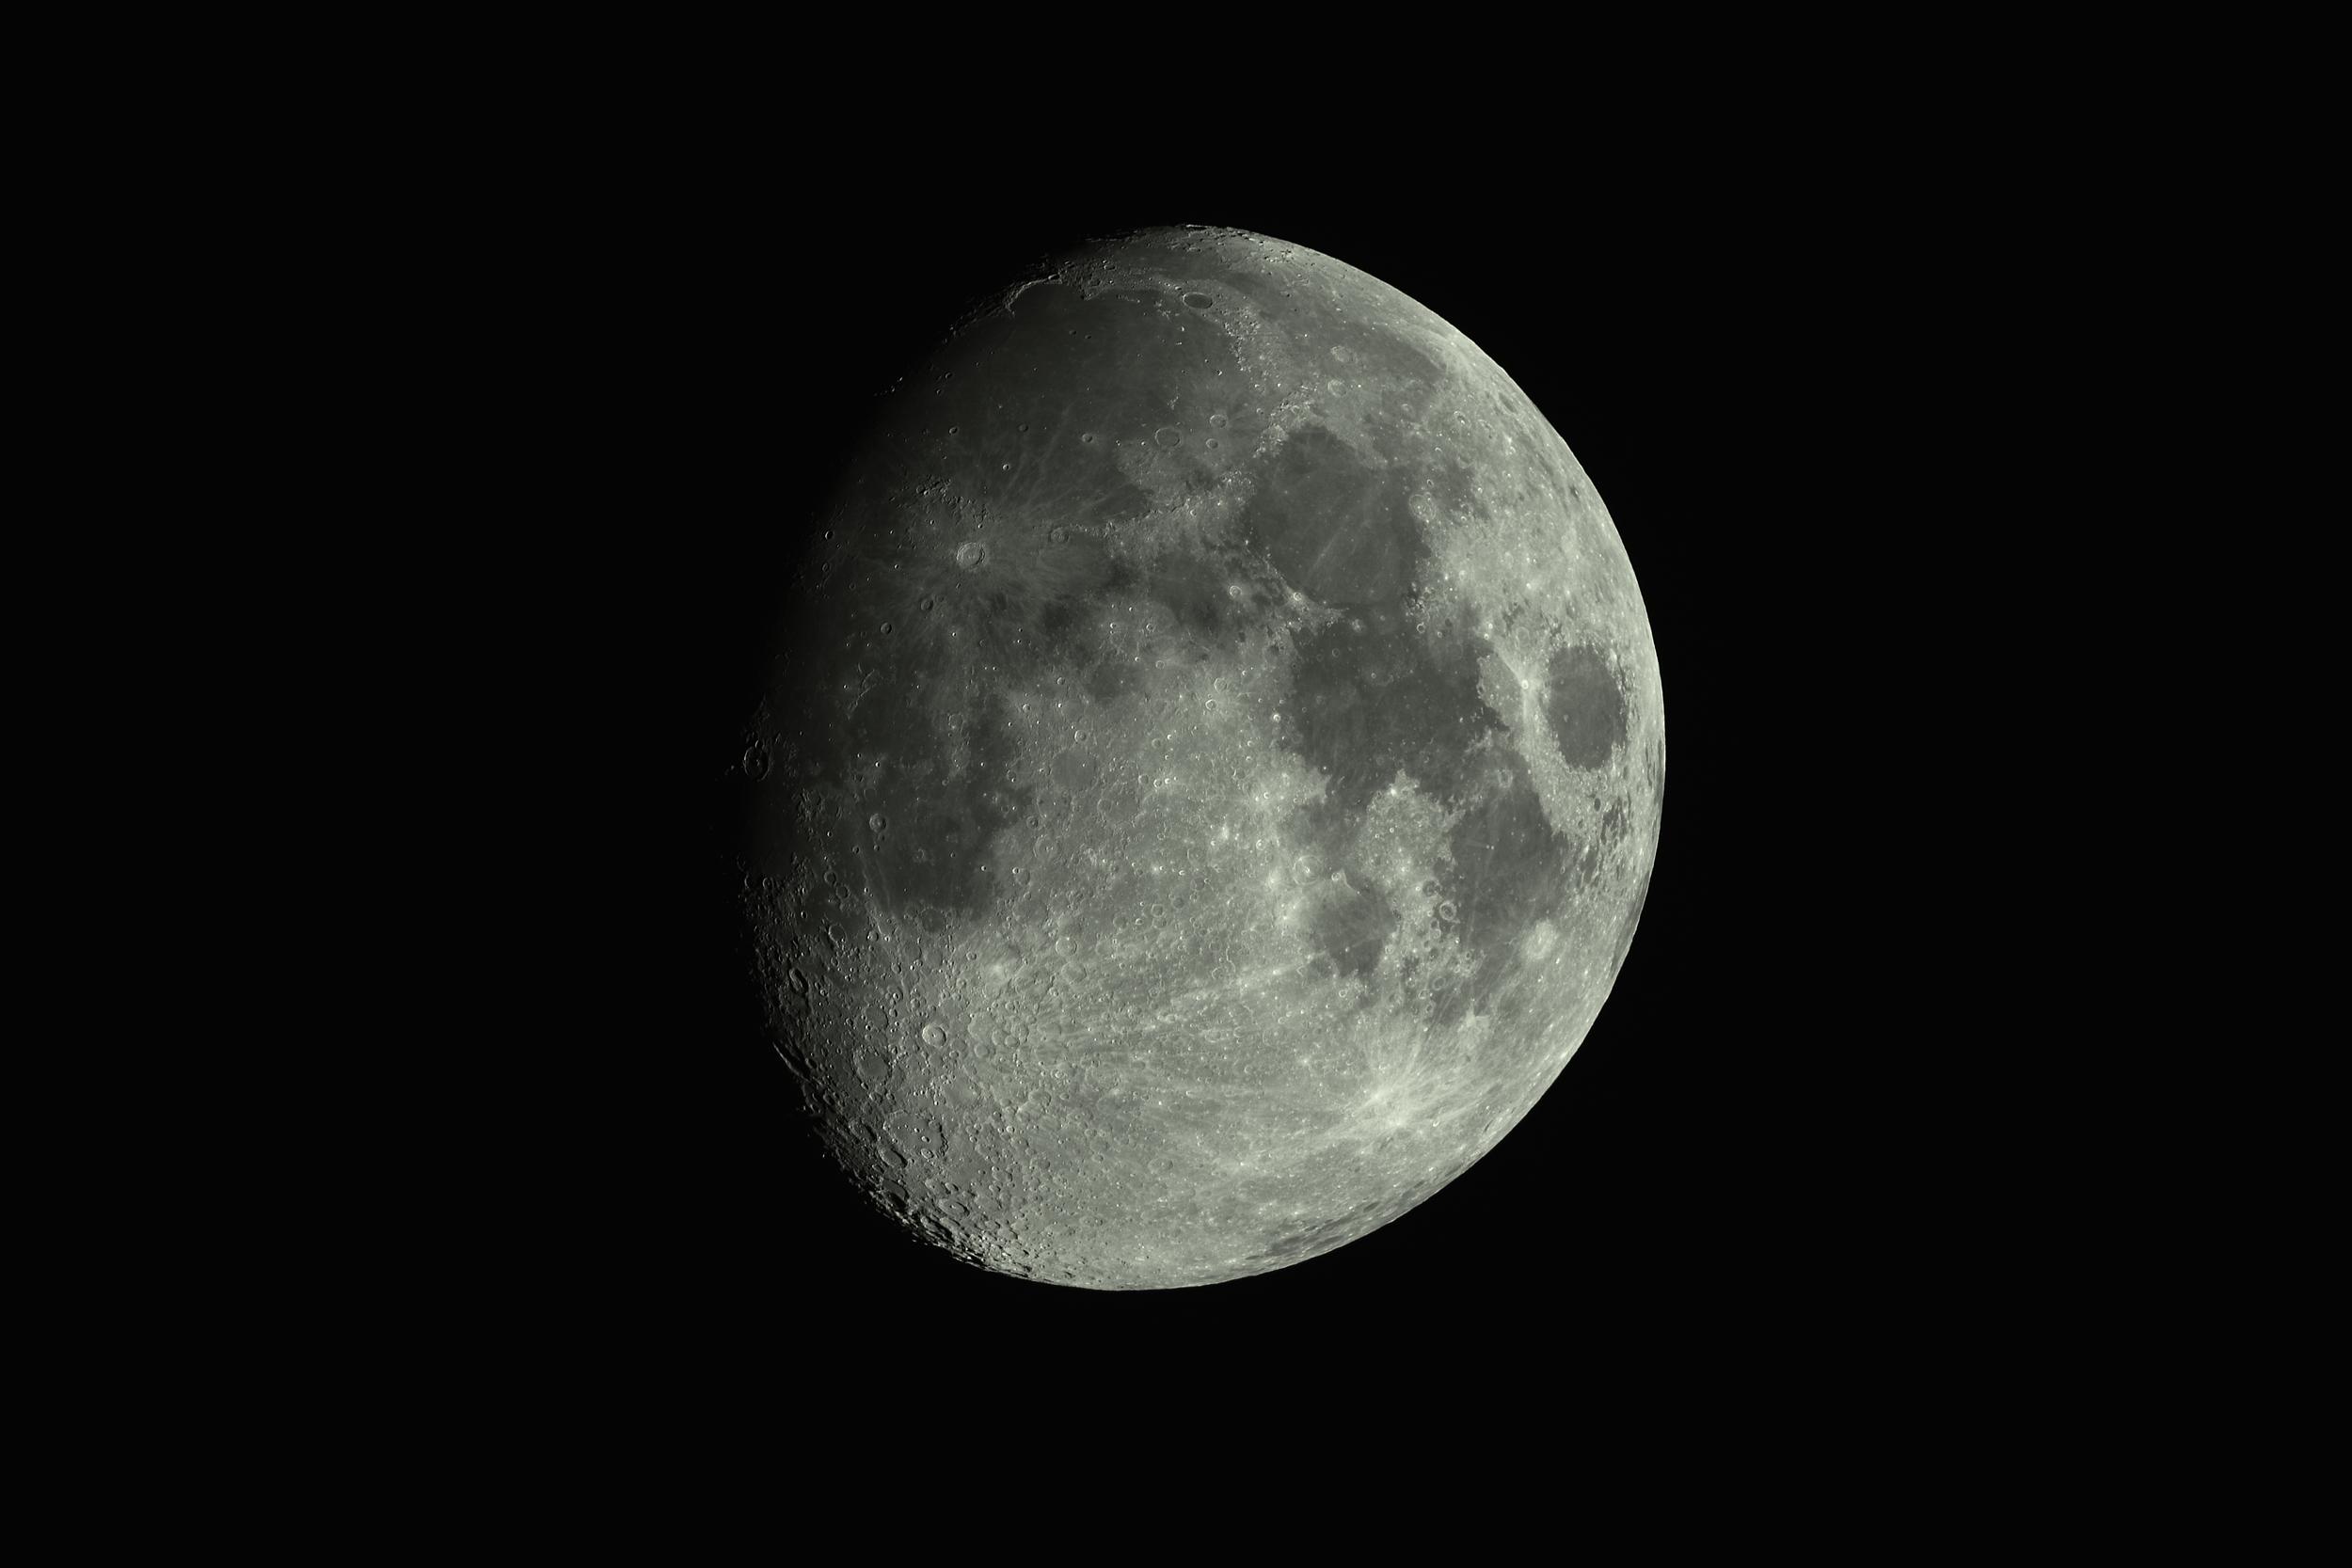 63% Moon